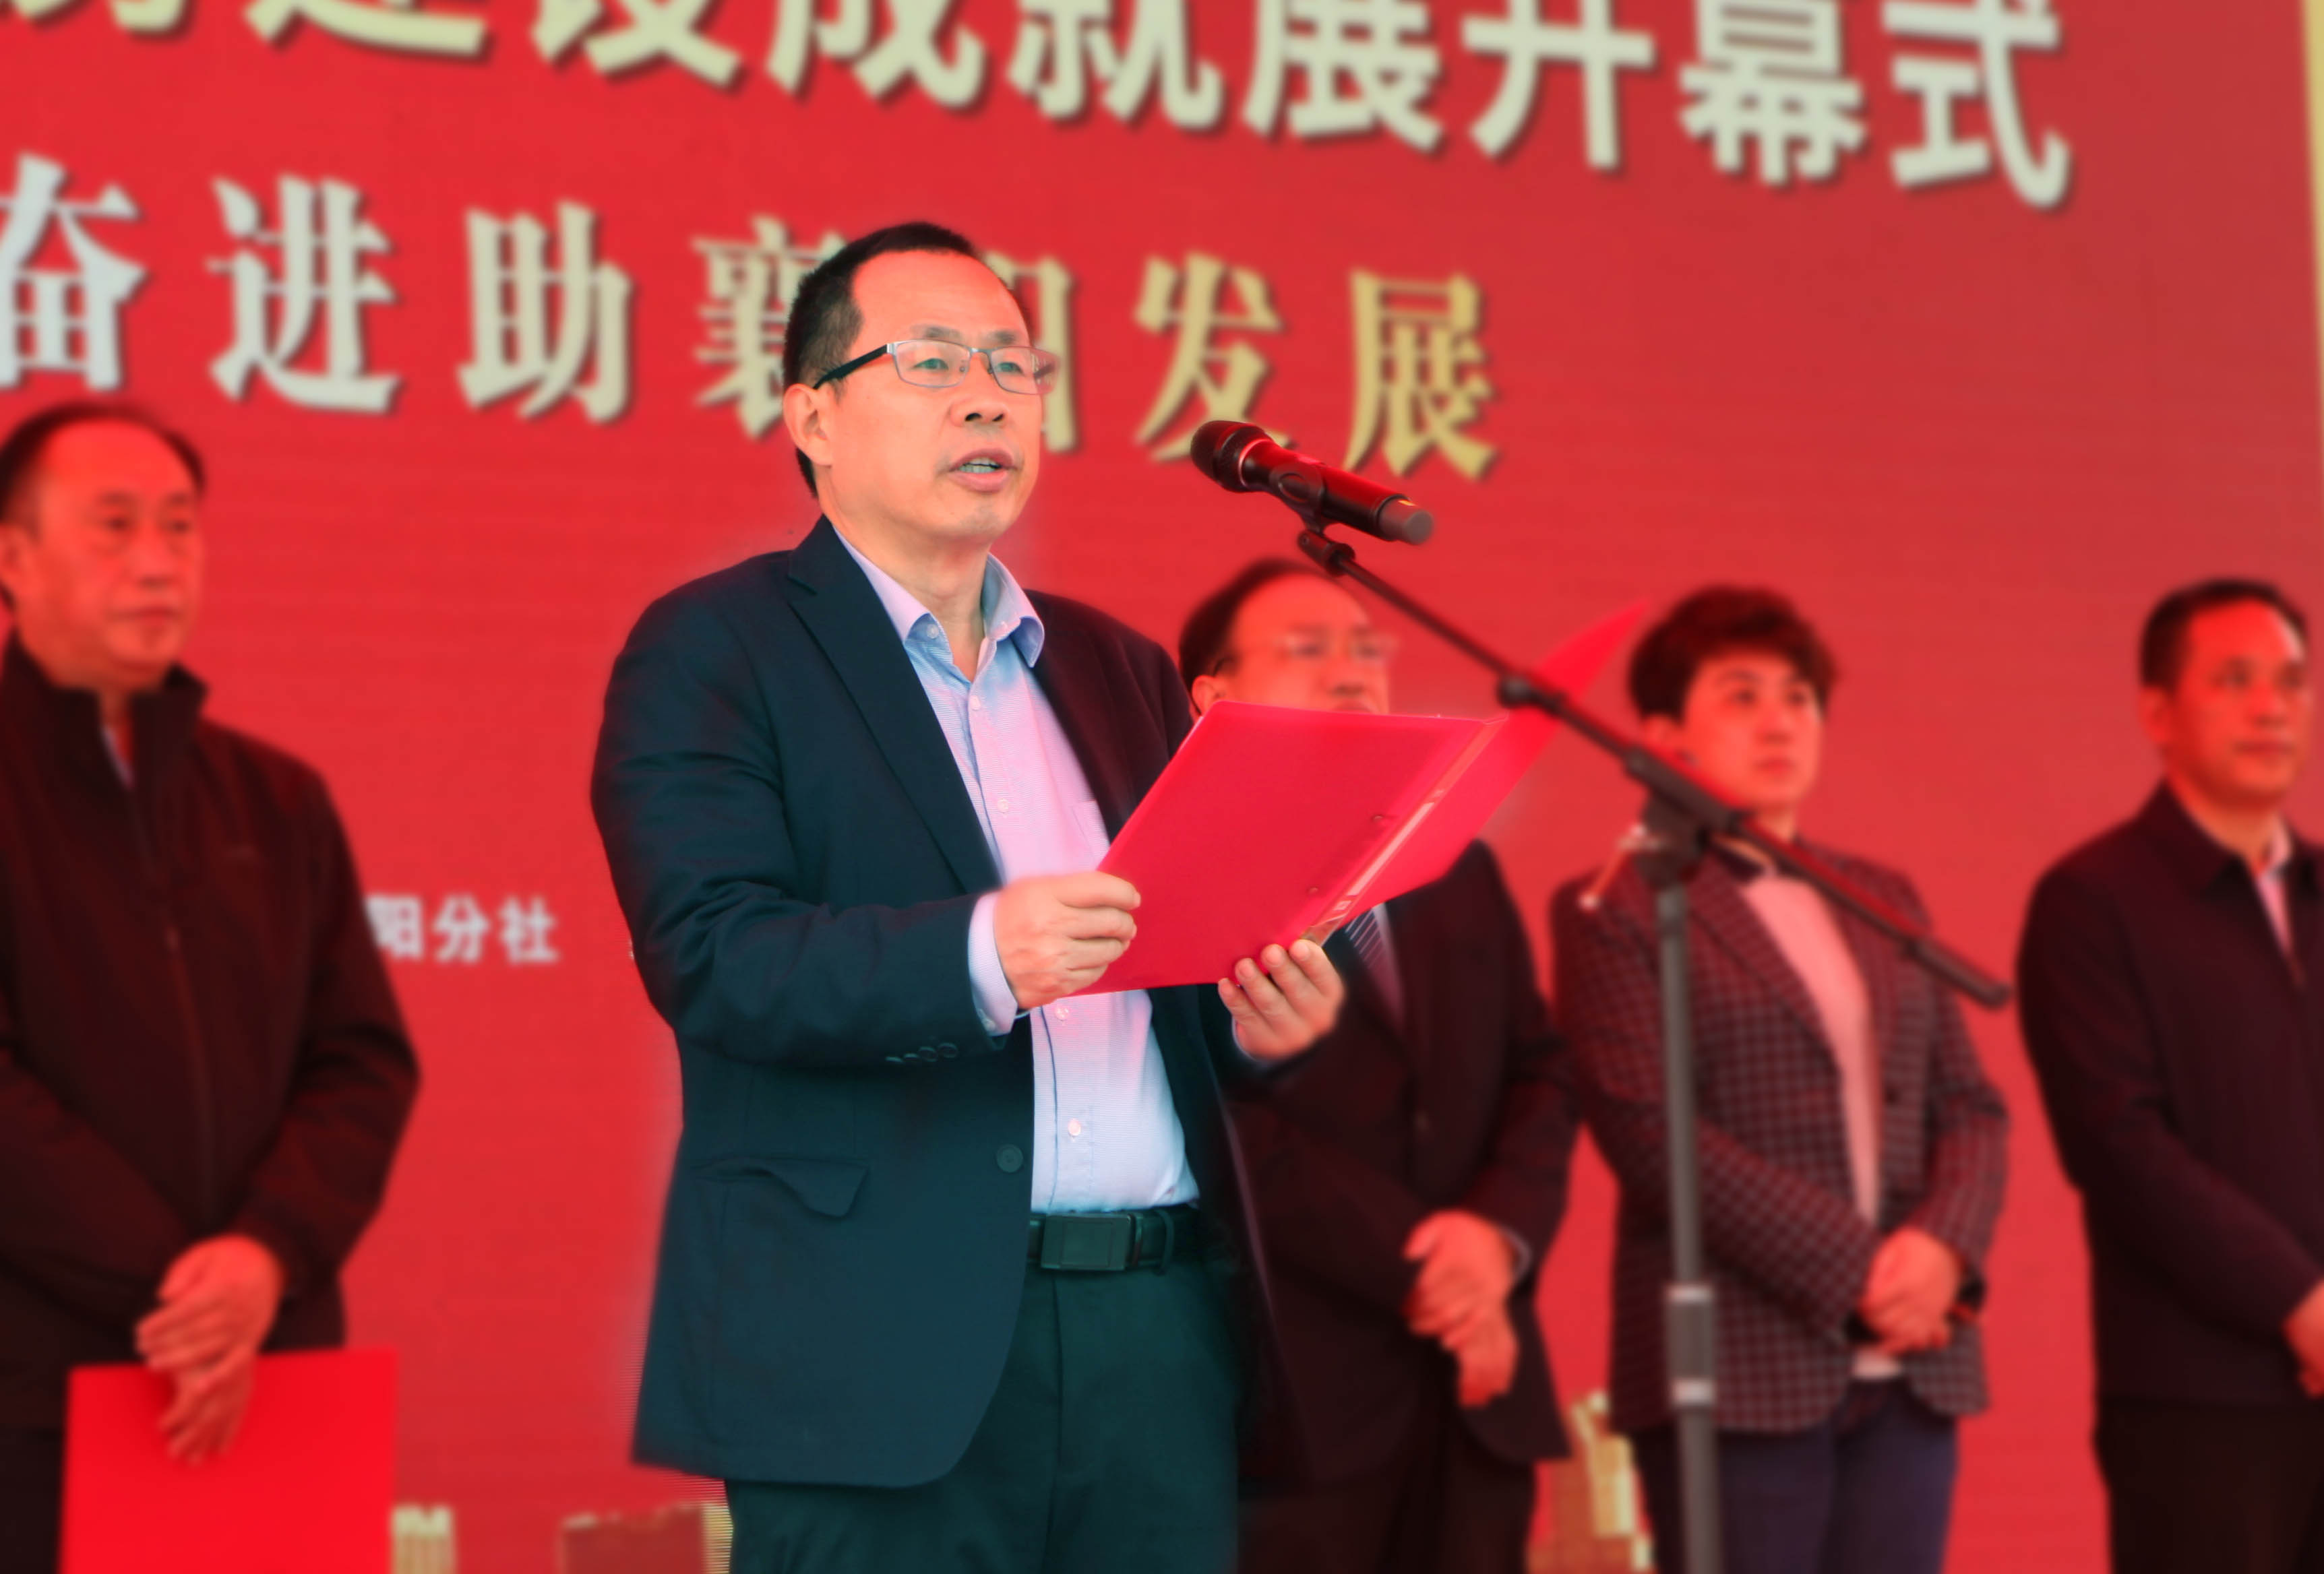 湖北省房地产业协会会长潘世炳在开幕式上的致辞